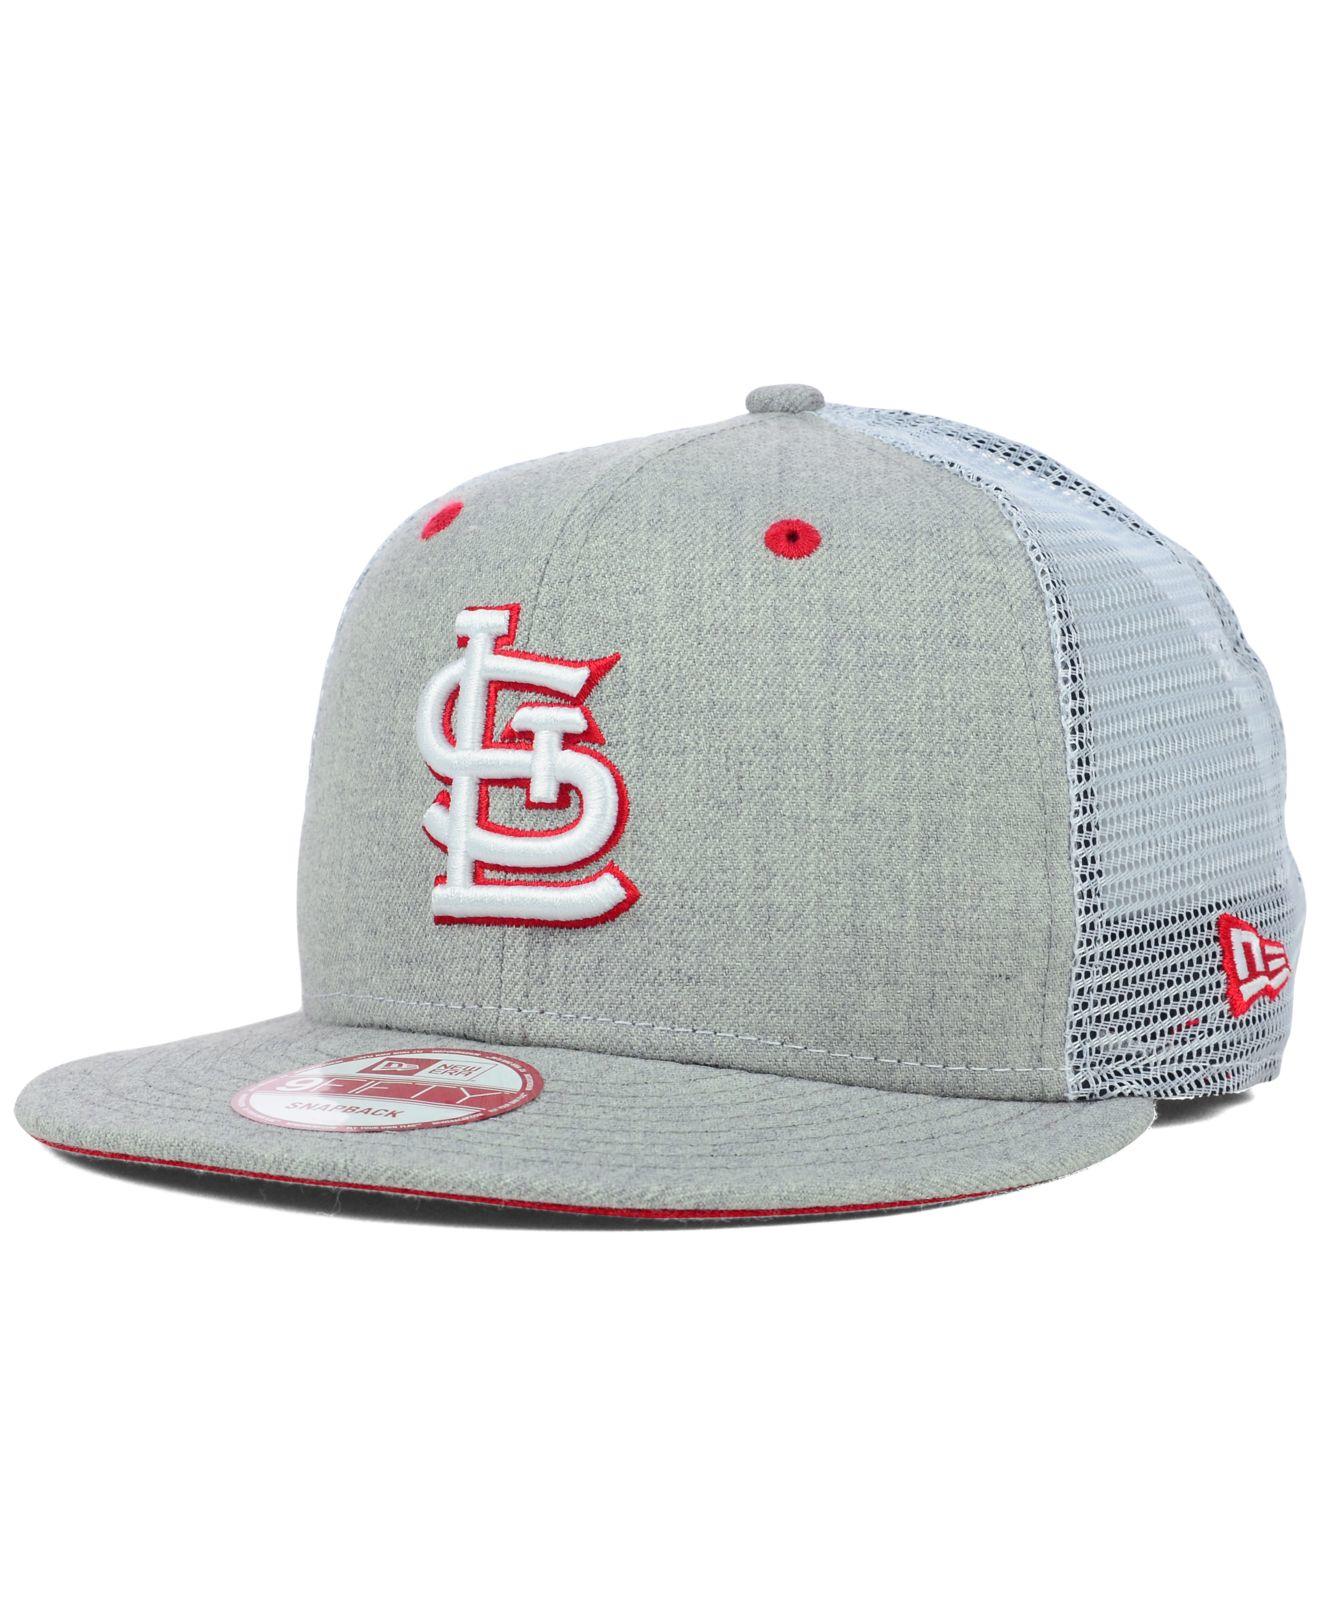 Lyst - KTZ St. Louis Cardinals Heather Trucker 9Fifty Snapback Cap ... fc0115016ea